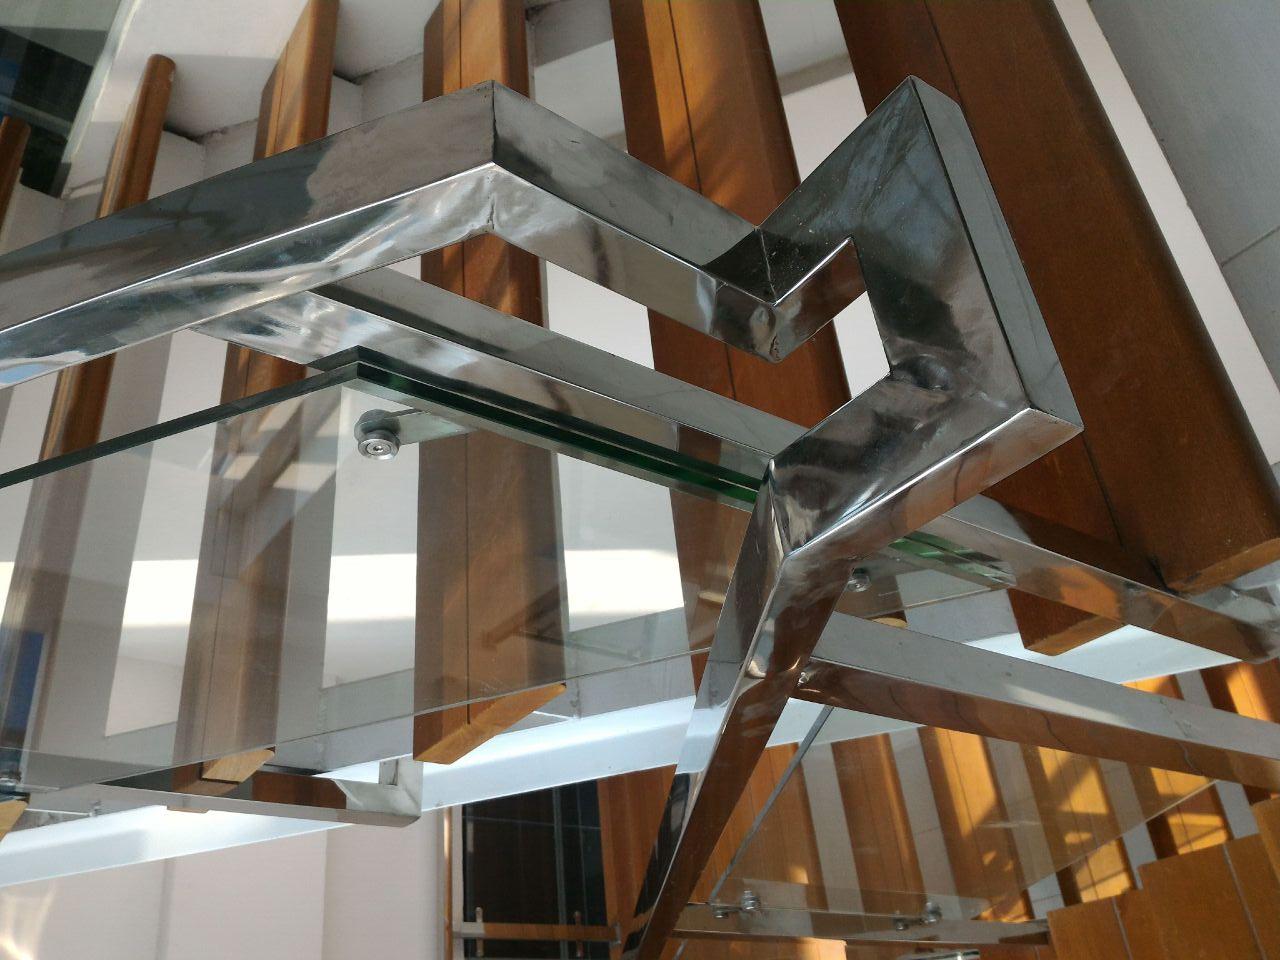 harga railing tangga kaca per meter